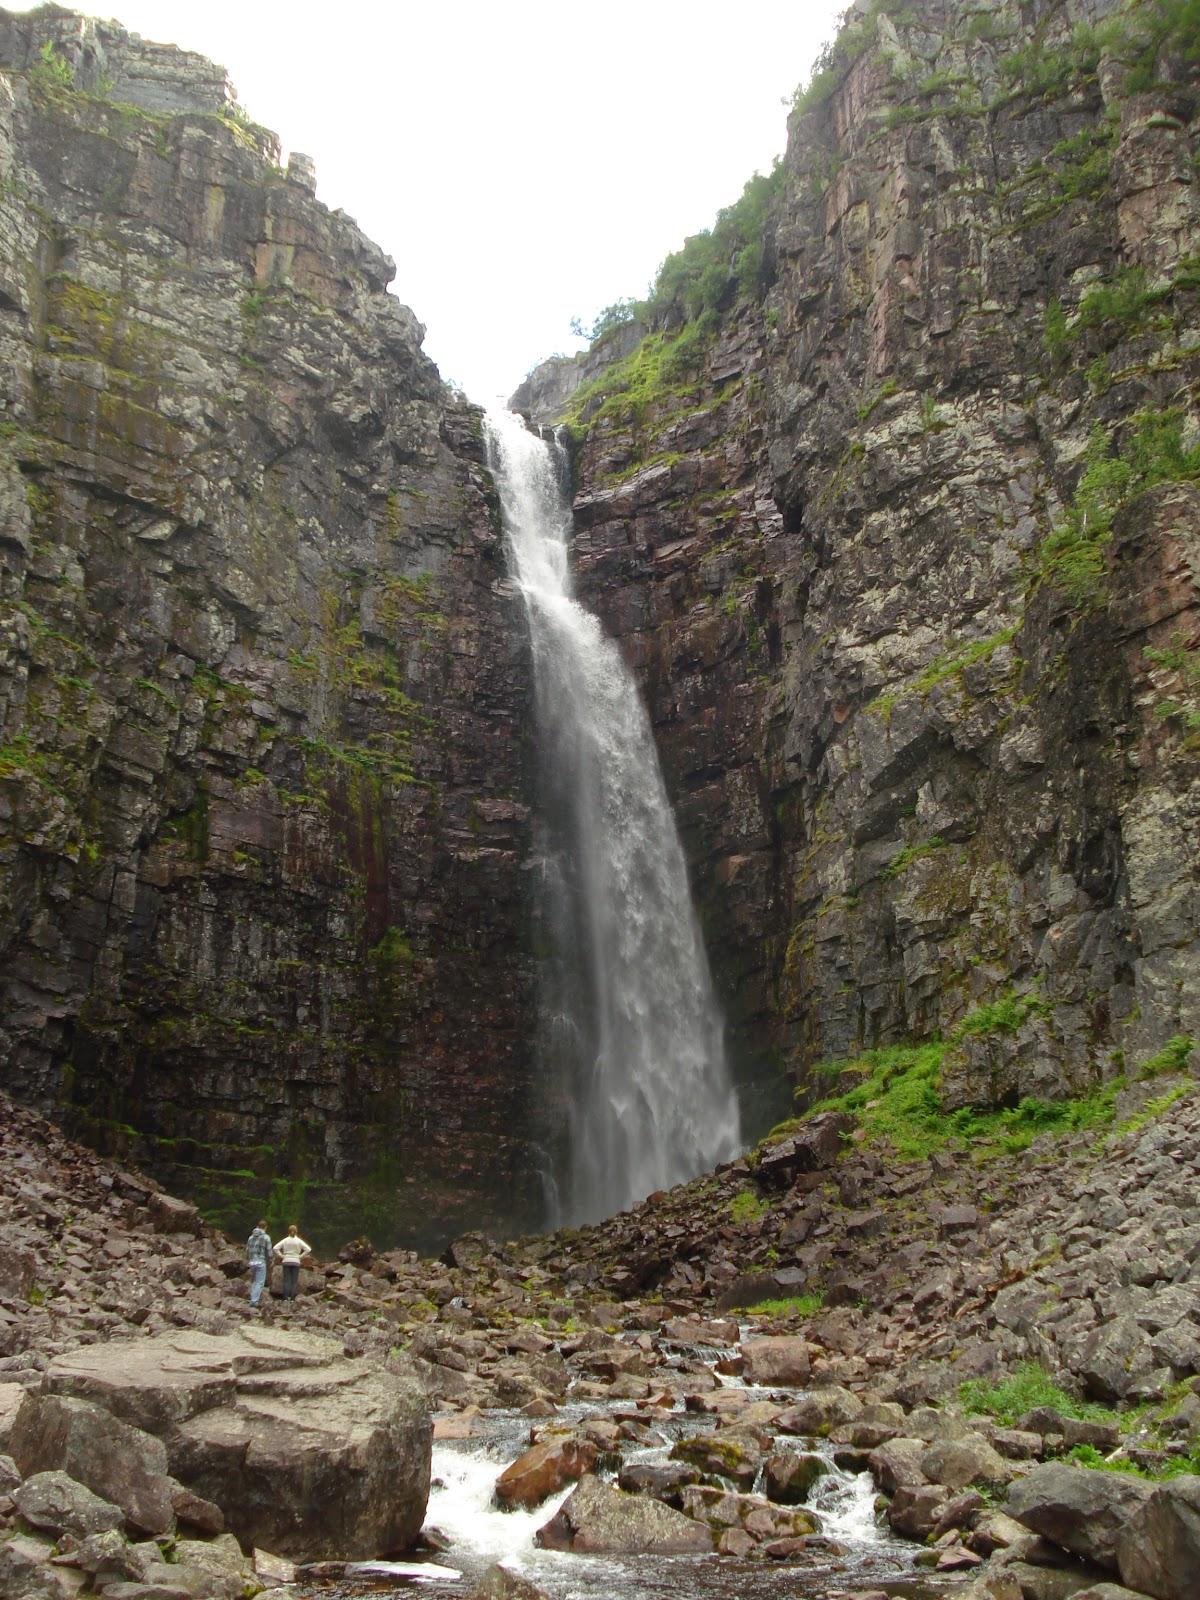 har landets största vattenfall